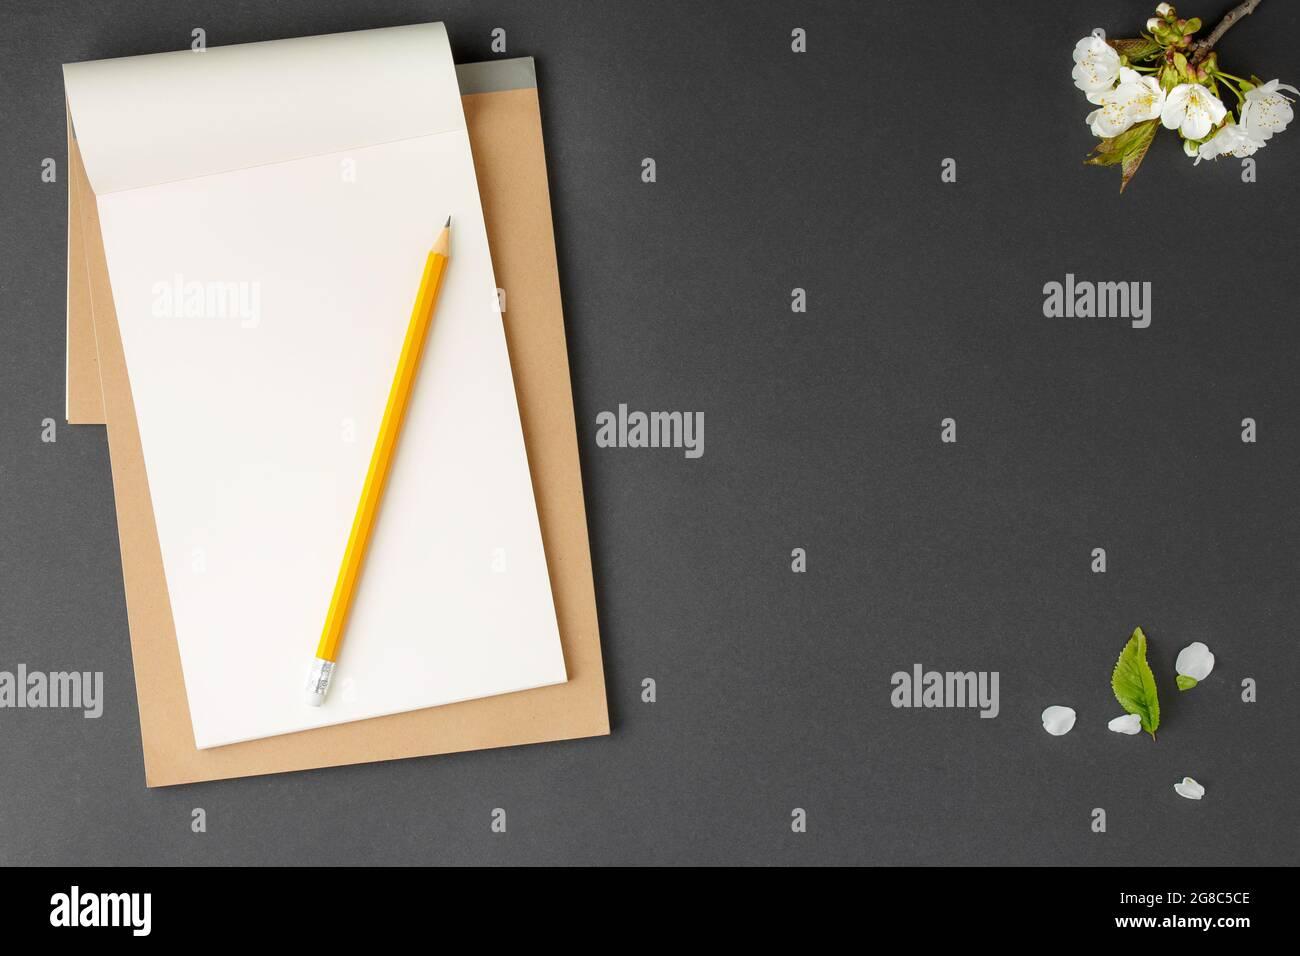 Cuaderno marrón con lápiz amarillo. Foto de stock